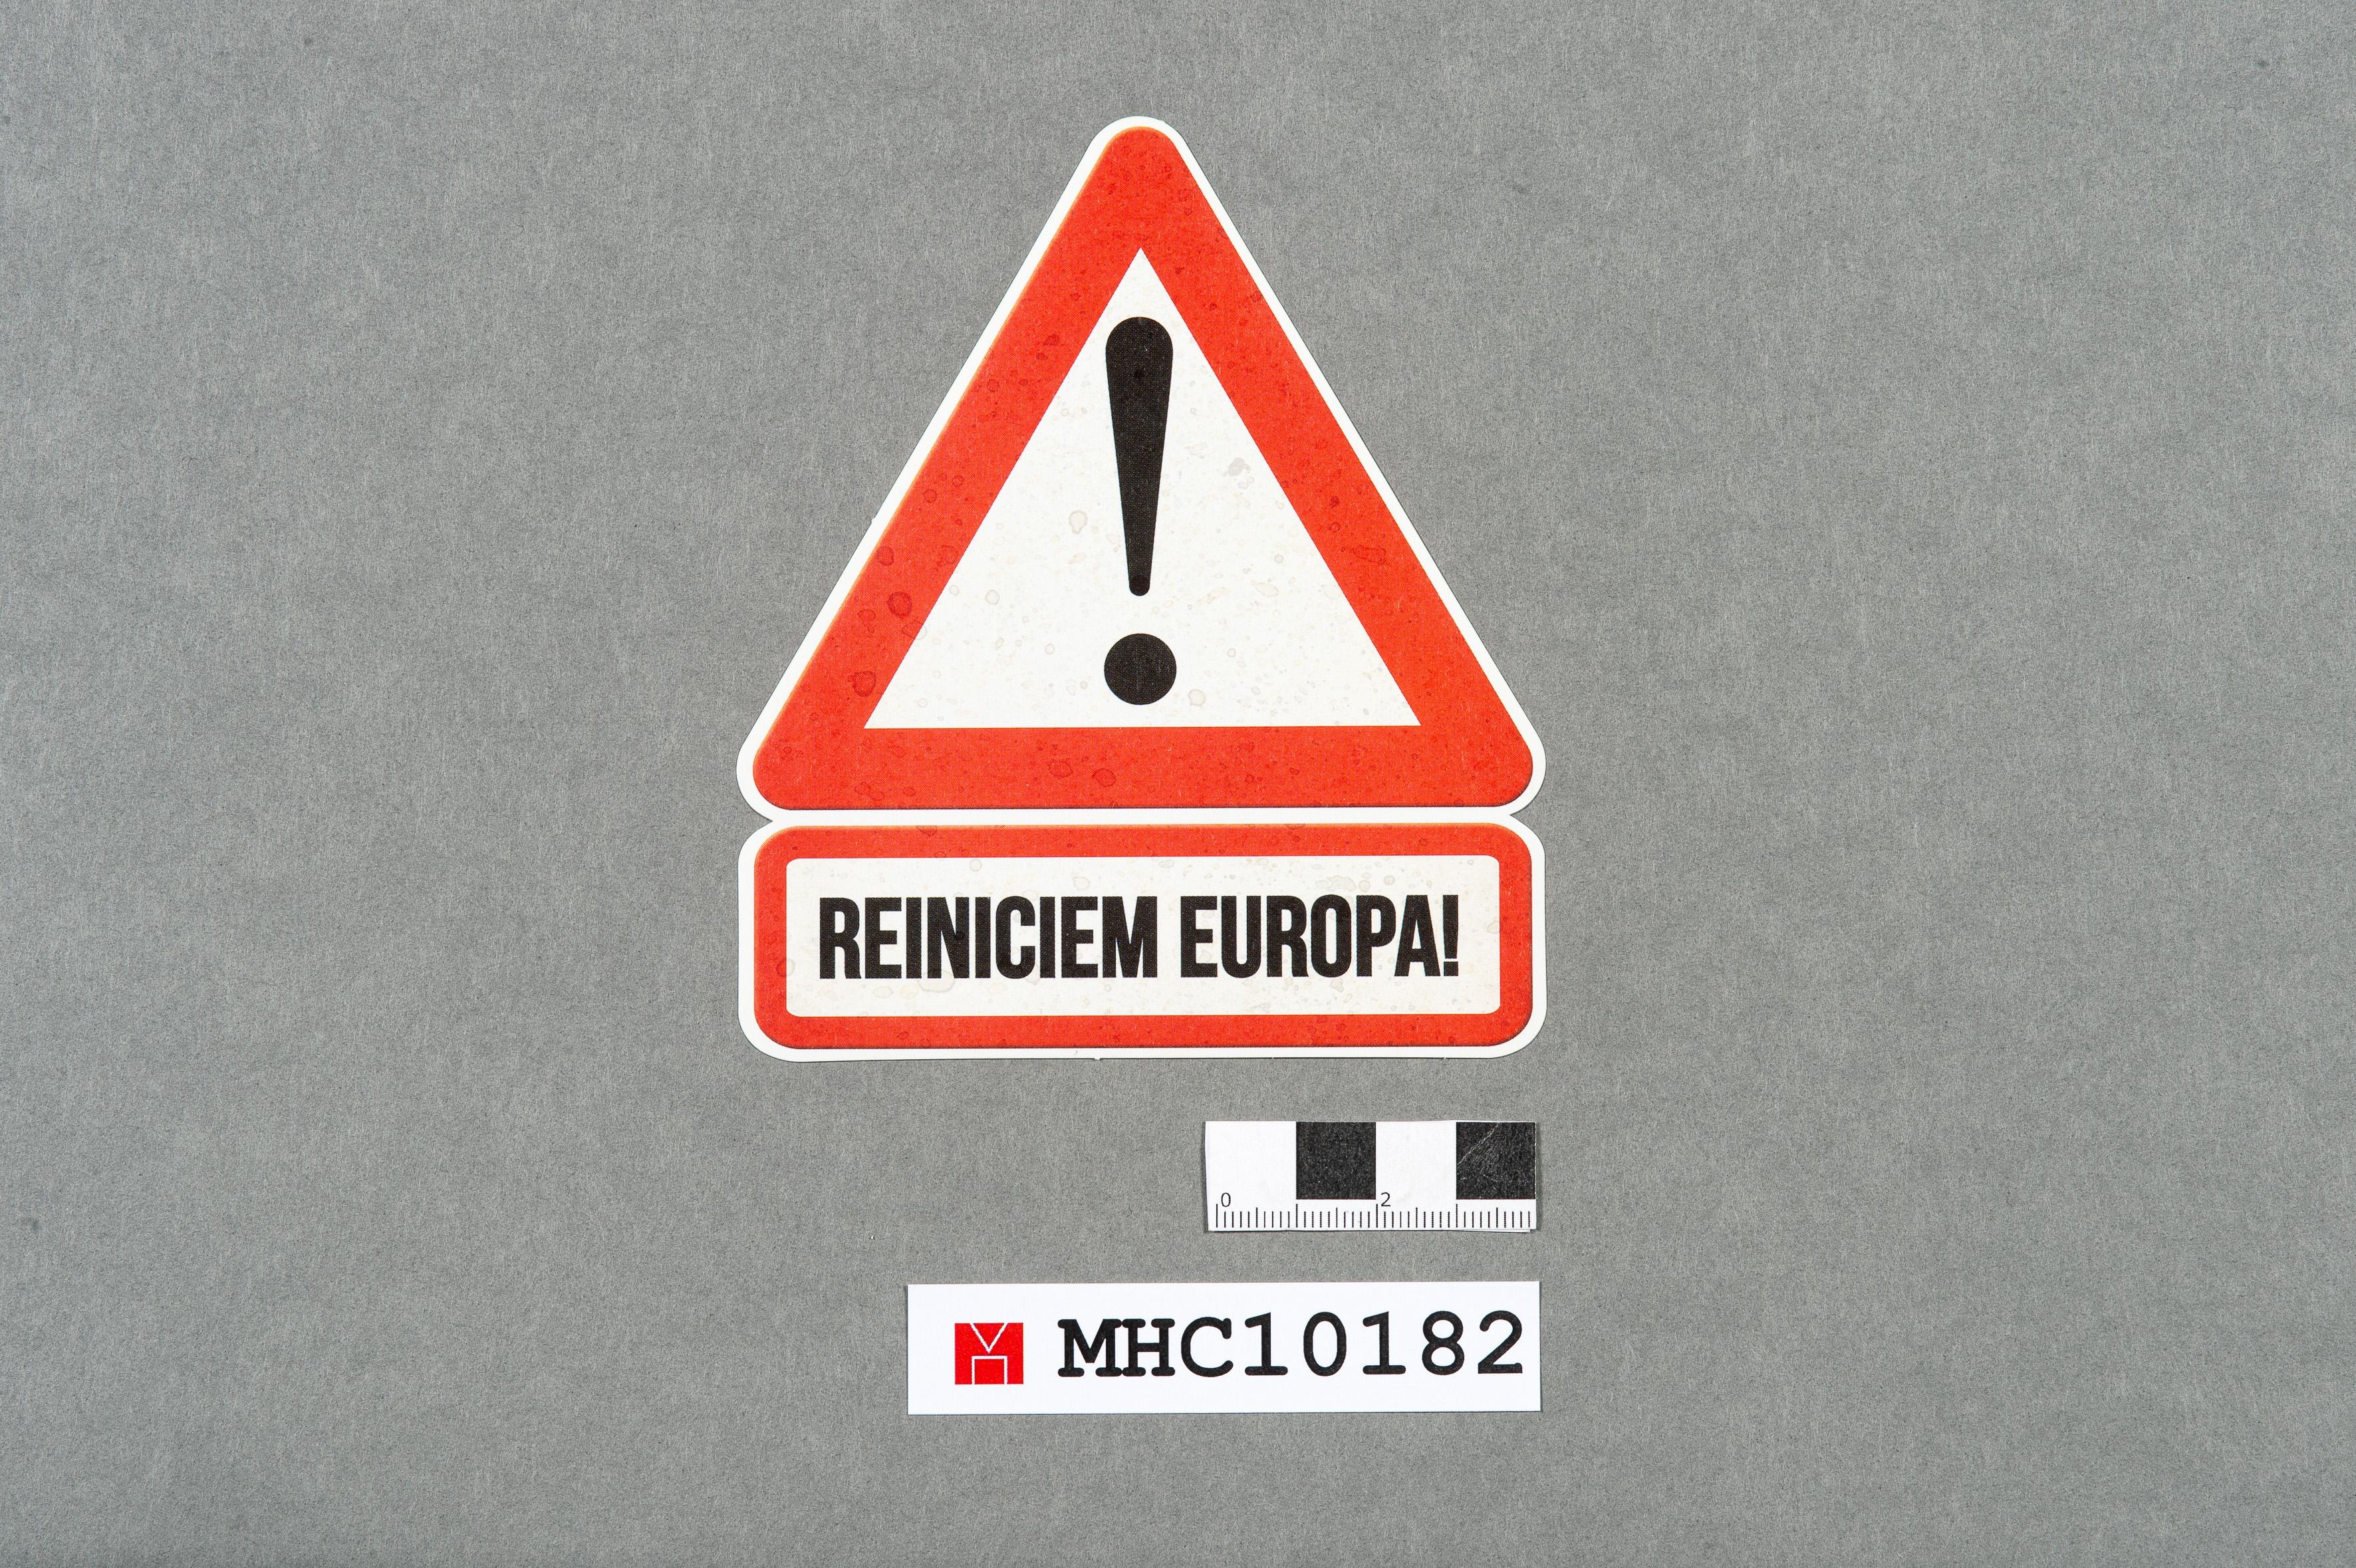 Reiniciem Europa